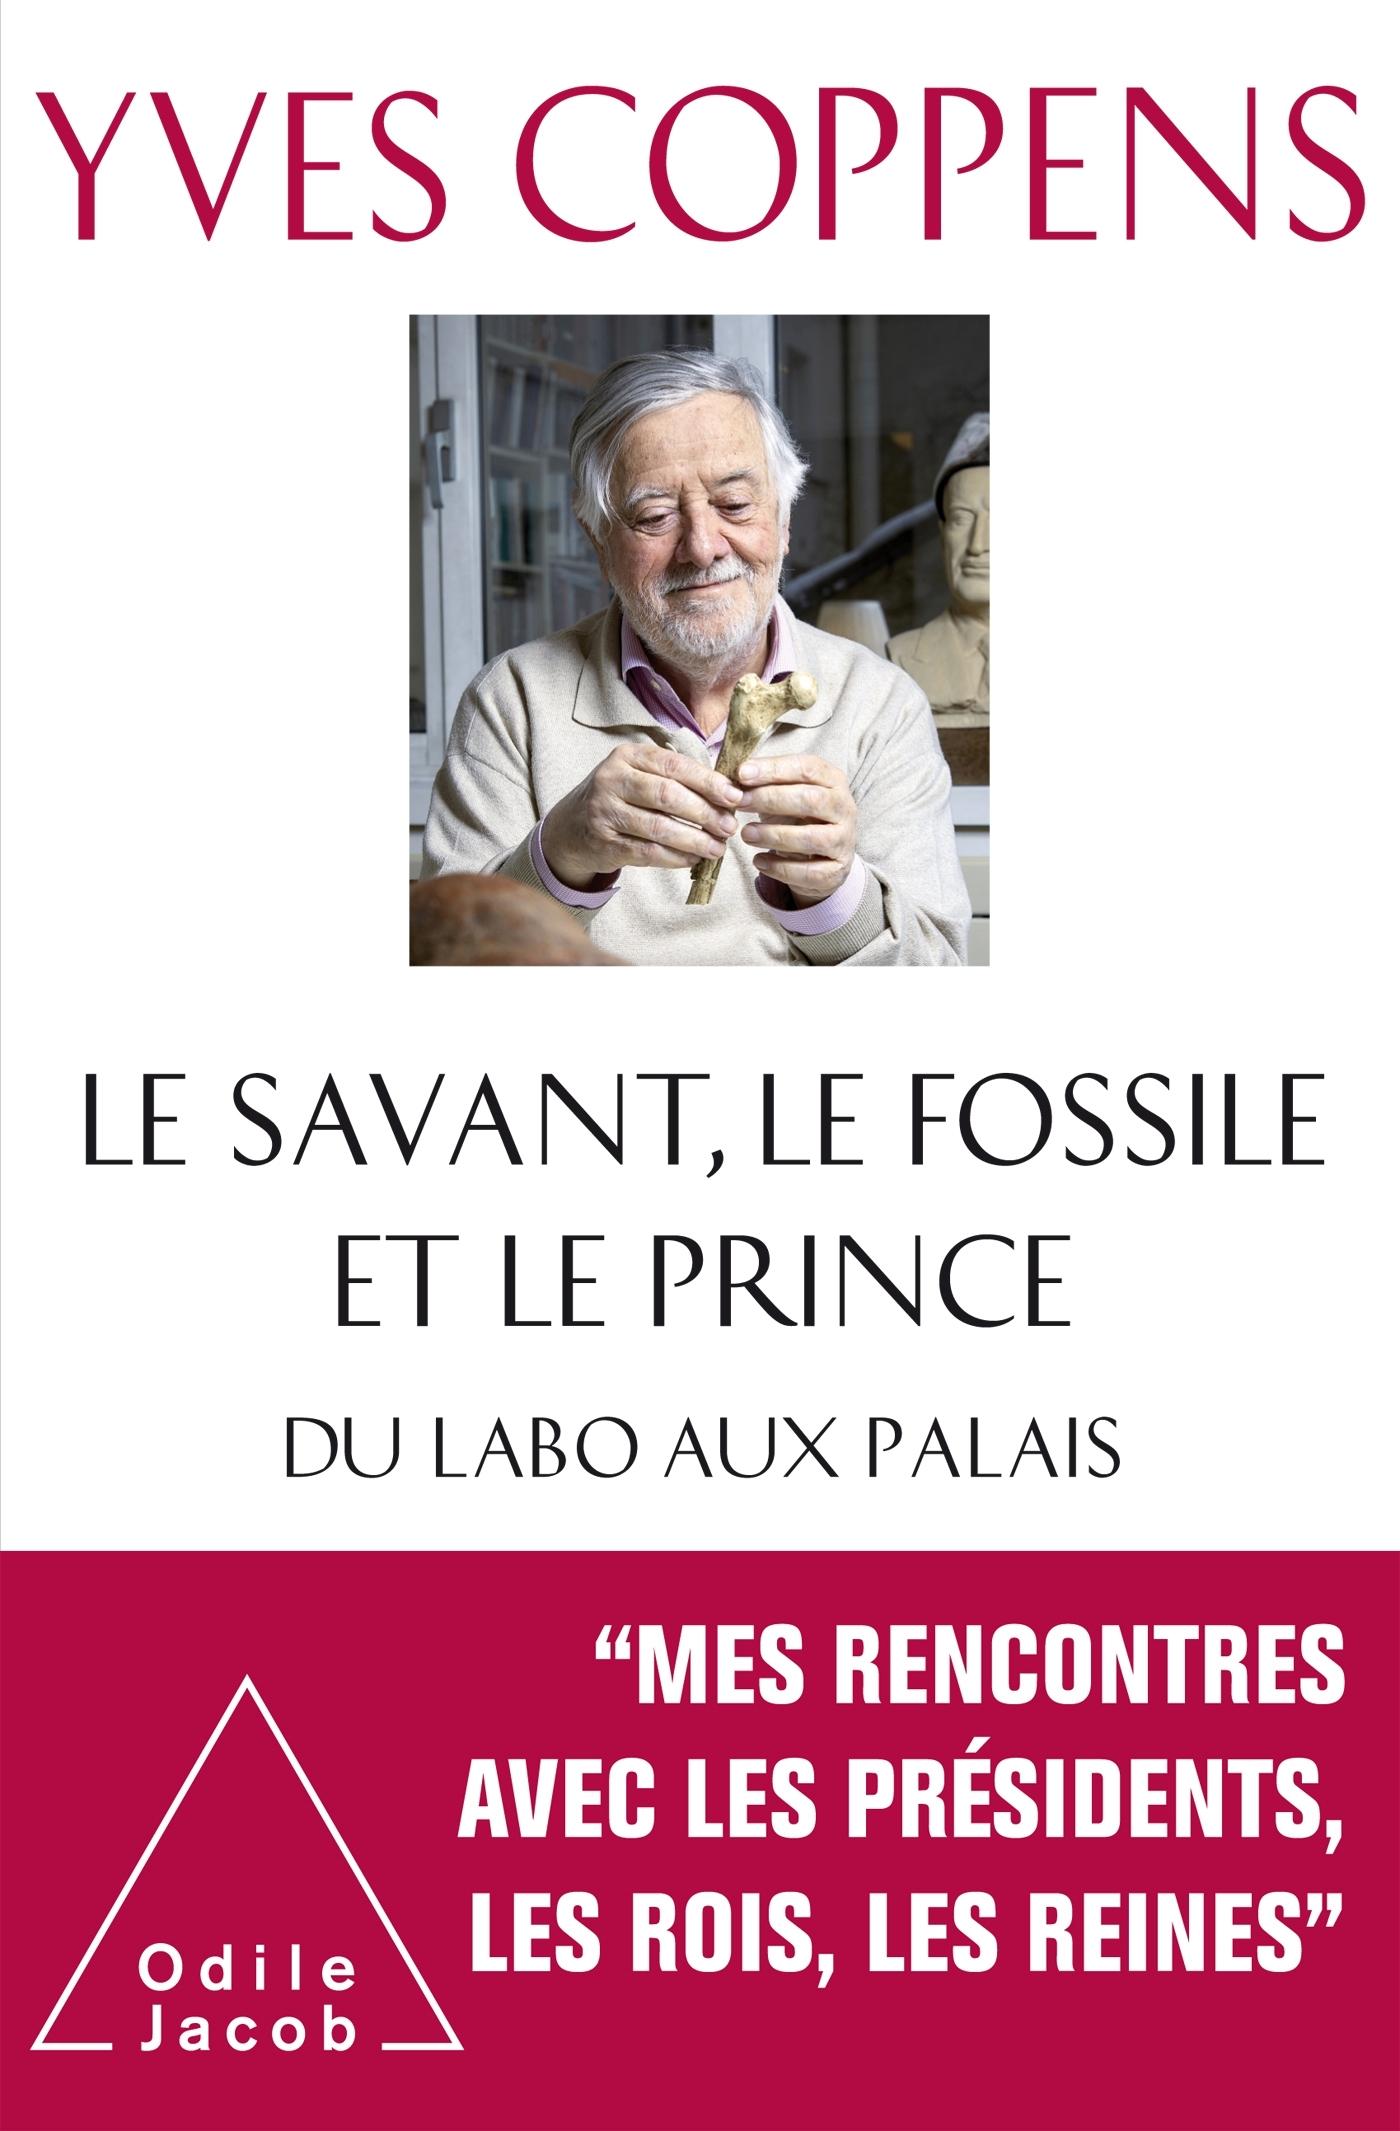 LE SAVANT, LE FOSSILE ET LE PRINCE - DU LABO AUX PALAIS